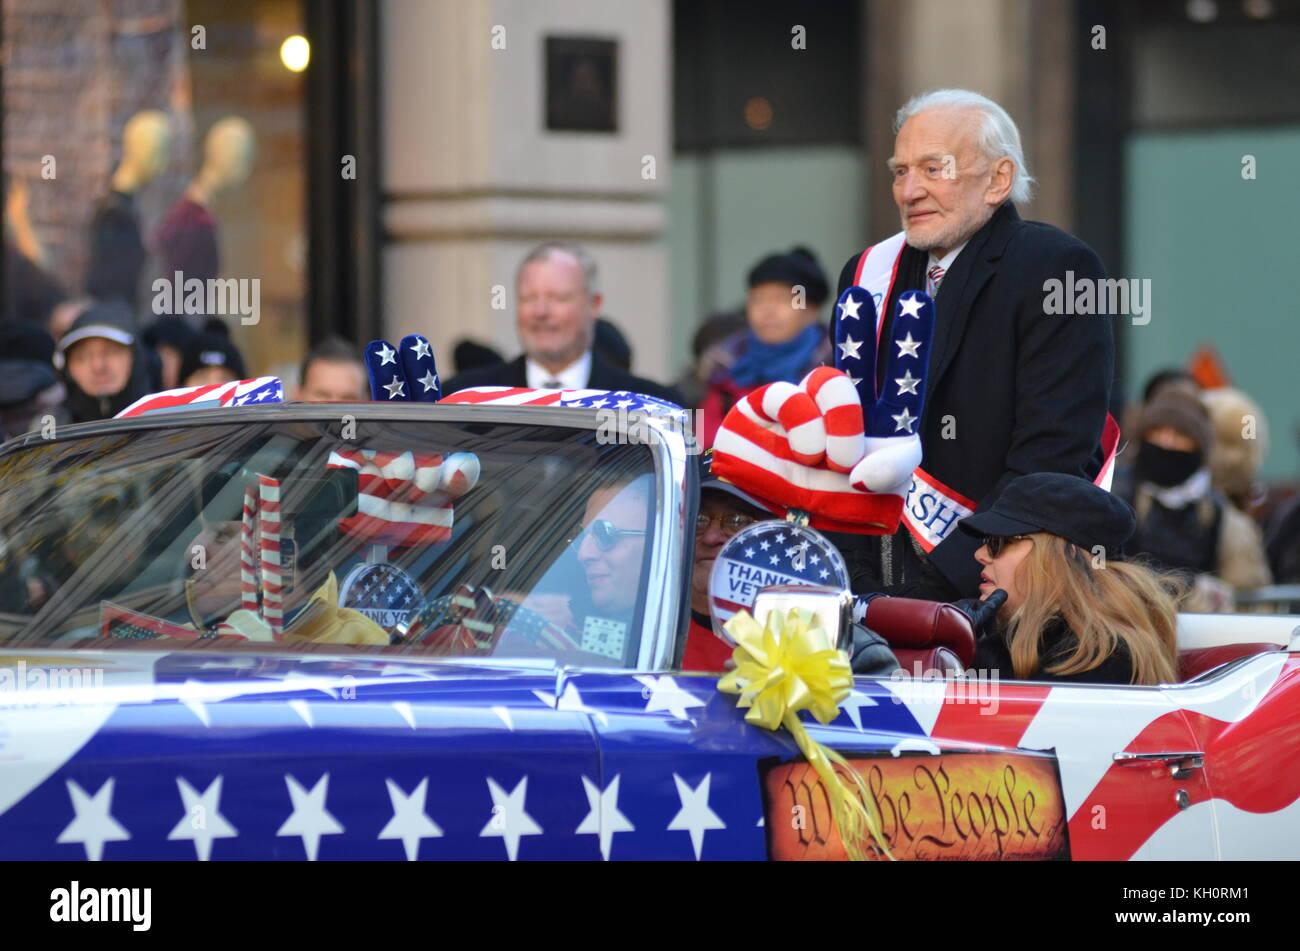 New York City, USA. Nov 11, 2017. Défilé des anciens combattants sur la 5e Avenue à New York. Le plus grand événement dans la journée des anciens combattants de la nation avec des dizaines de milliers de manifestants, dont plus de 300 unités. Credit: Ryan Rahman/Alamy Live News Banque D'Images